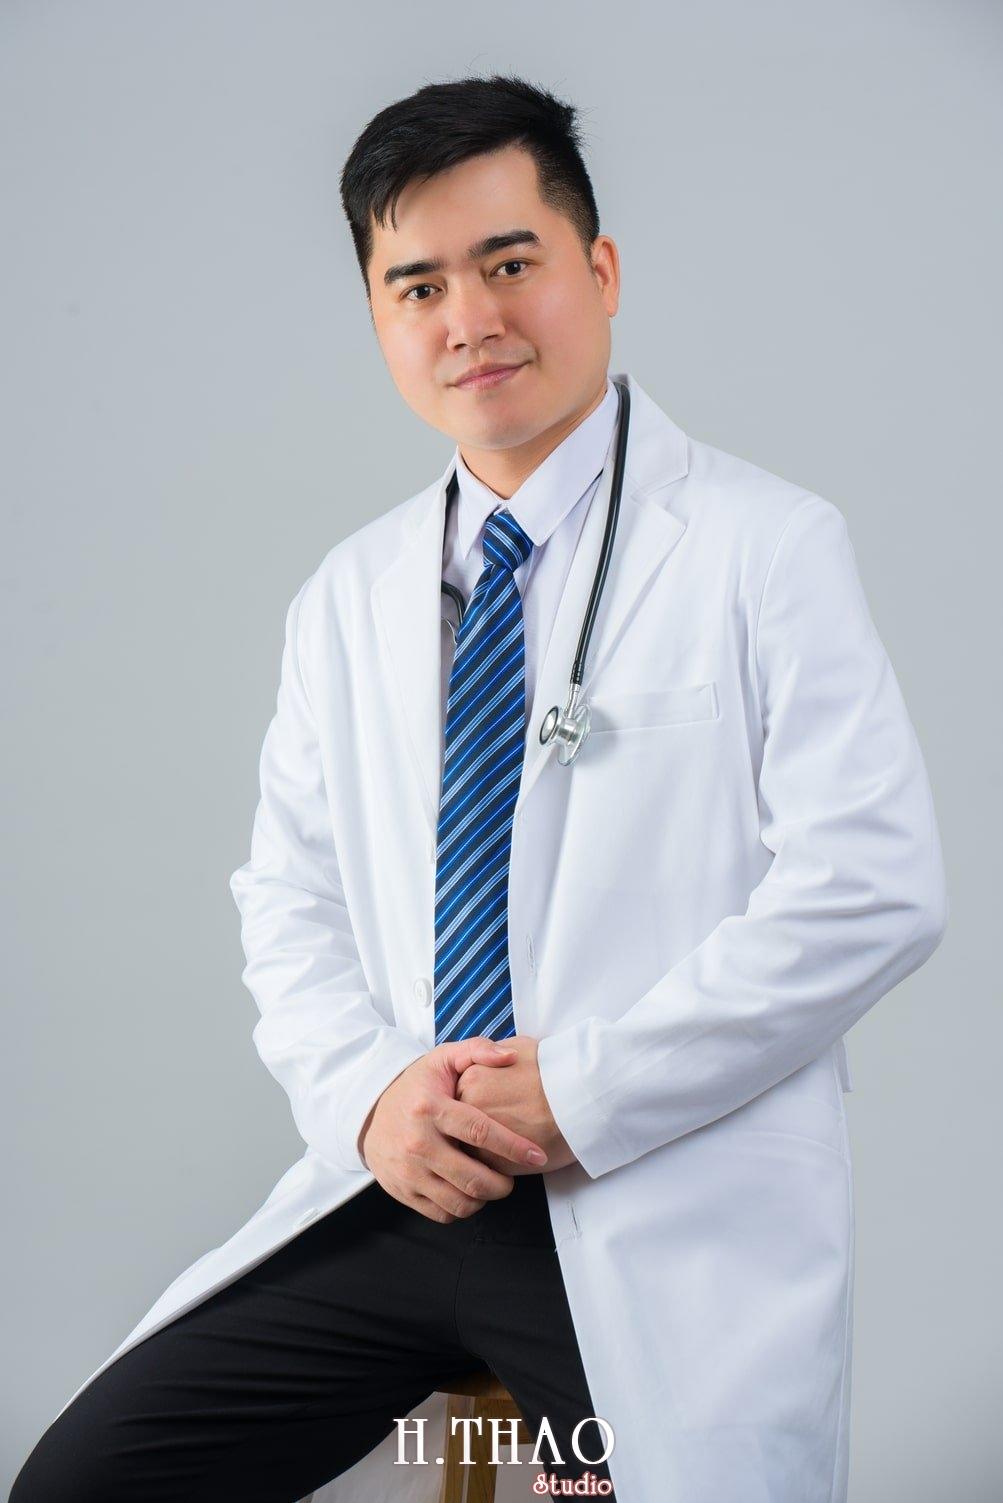 Anh Doanh nhan 52 - Tổng hợp album ảnh profile bác sĩ, luật sư, tài chính – HThao Studio